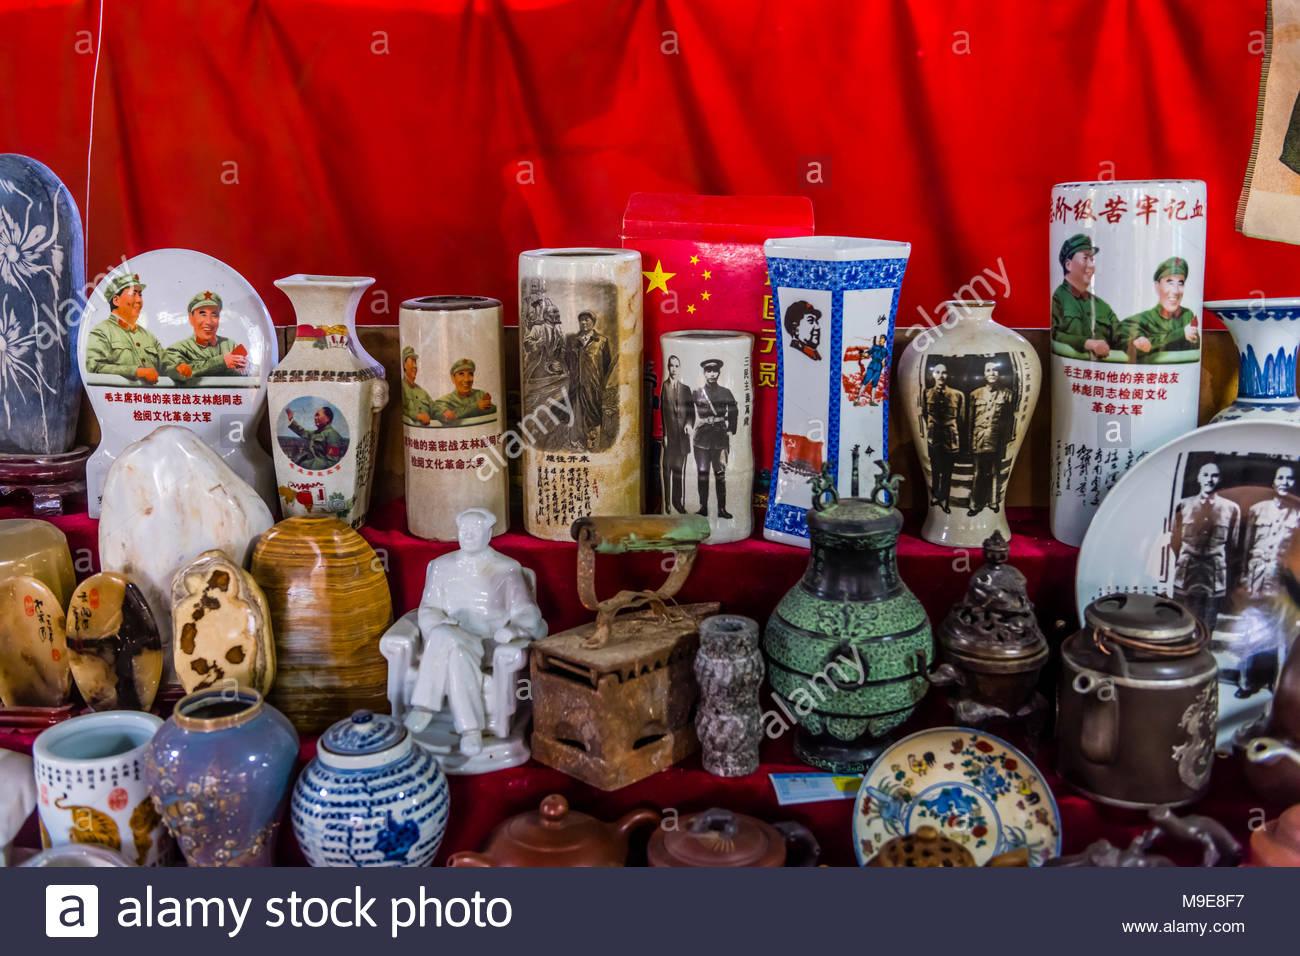 Vintage Souvenirs Stock Photos & Vintage Souvenirs Stock ...